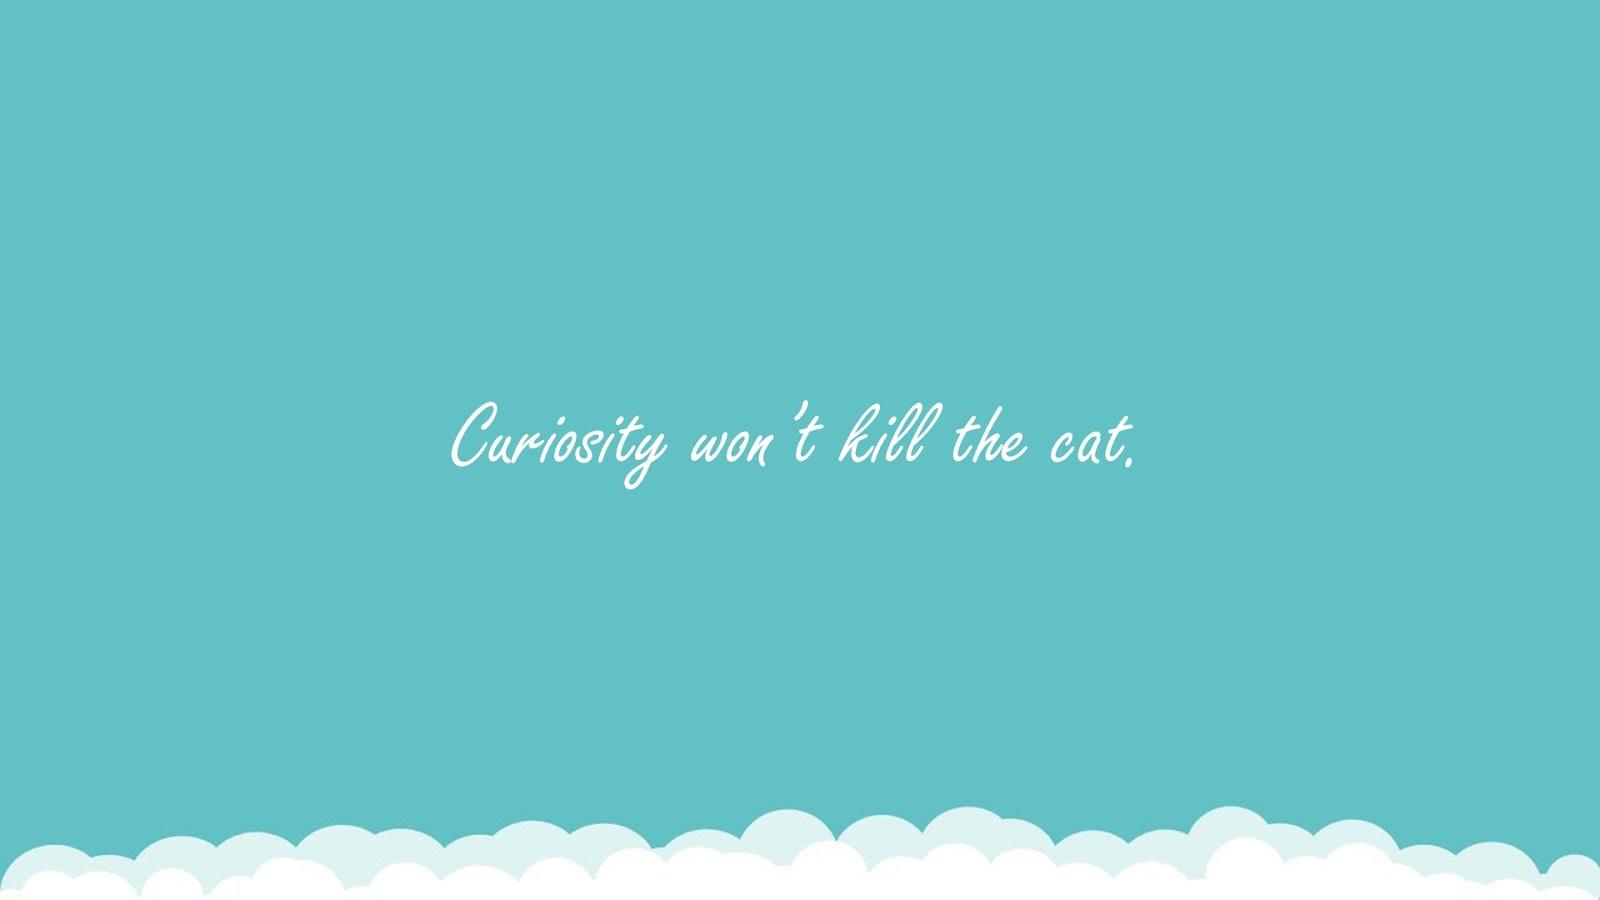 Curiosity won't kill the cat.FALSE